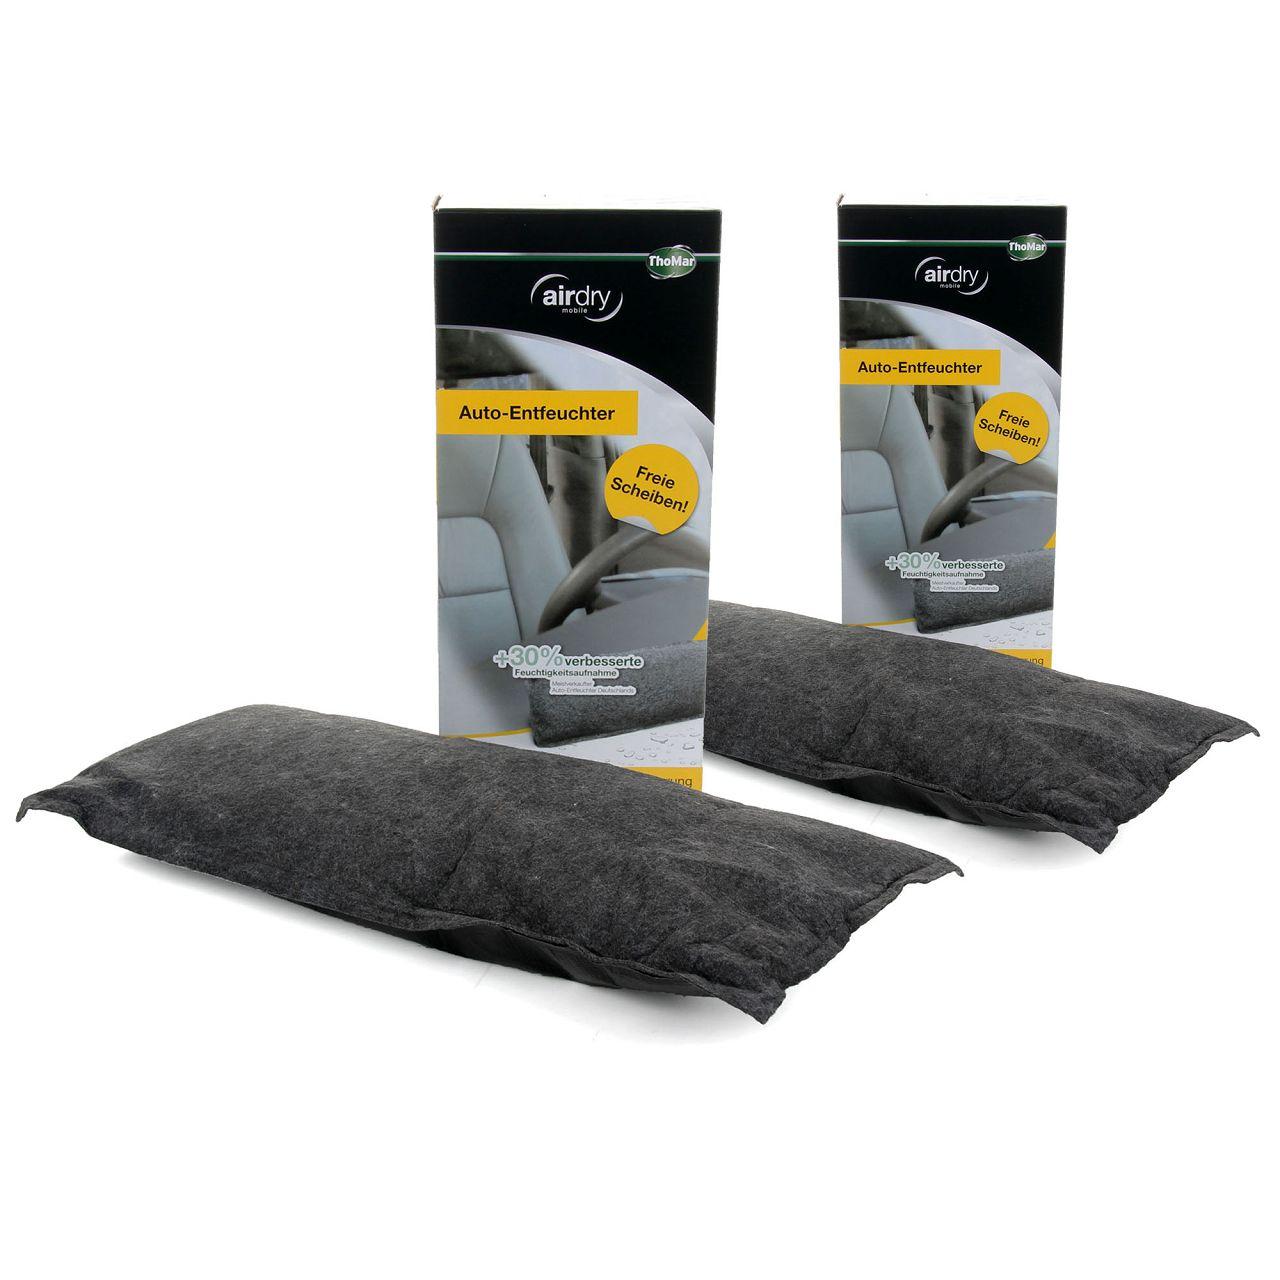 2x ThoMar AirDry +30% Auto Entfeuchter Luftentfeuchter Granulat Scheibenfrei 1kg